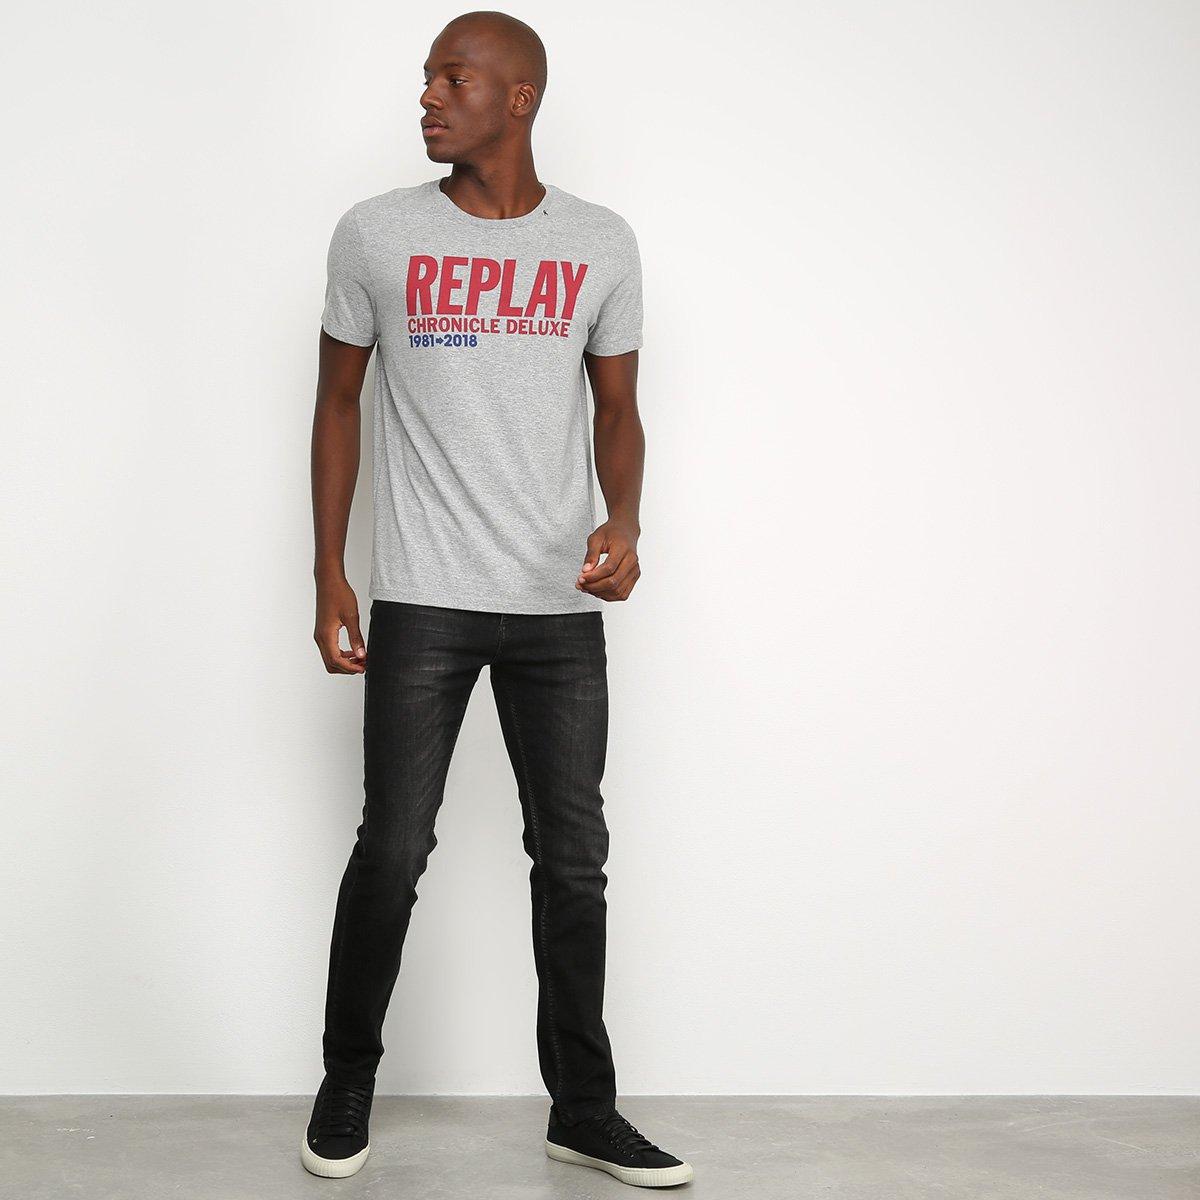 Camiseta Replay Chronicle Deluxe Masculina - Mescla